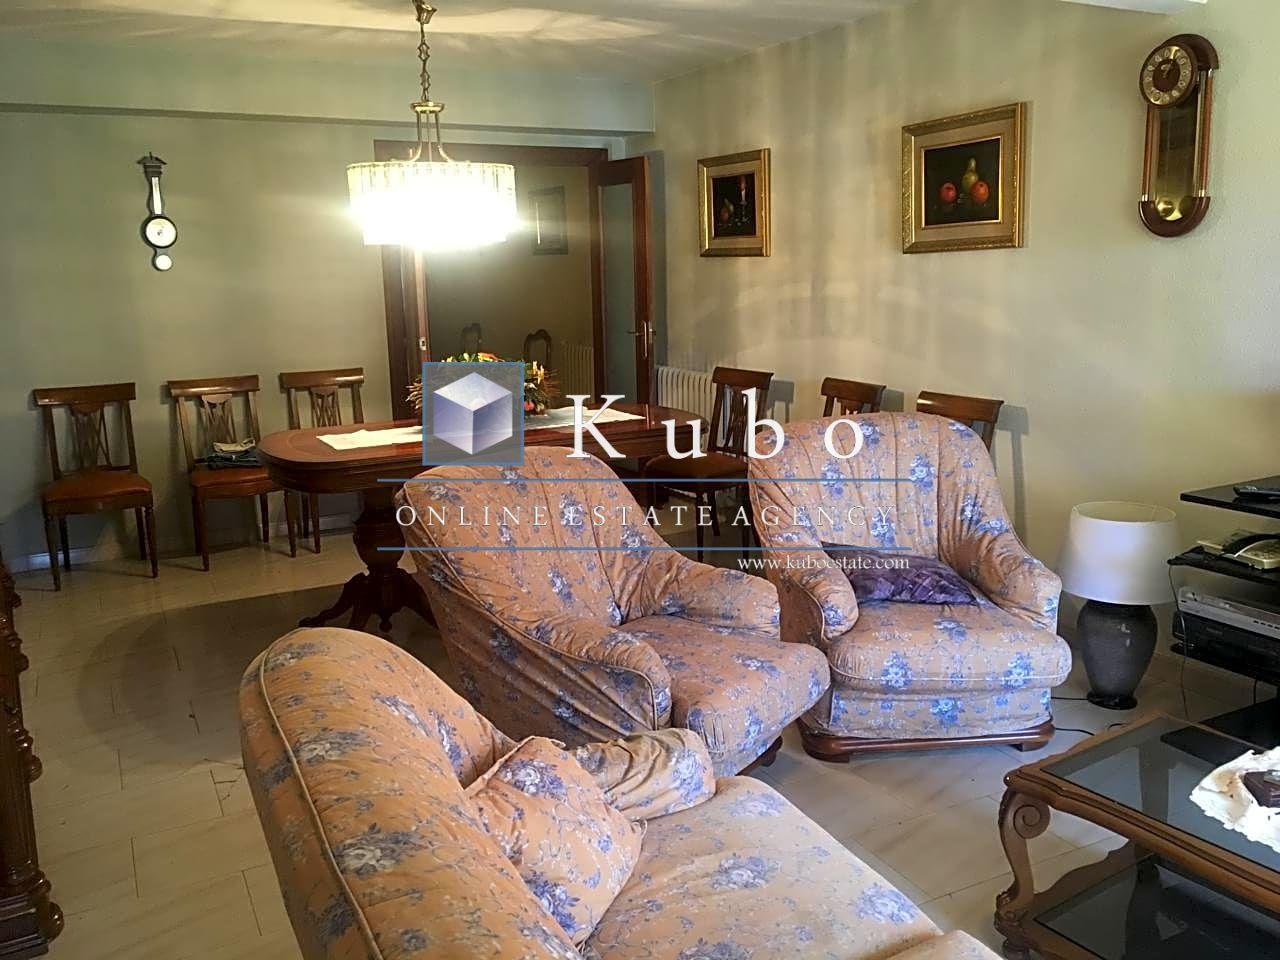 Piso  Avenida de catalunya, 12. Kubo online estate agency, trato directo con propietario – sin c